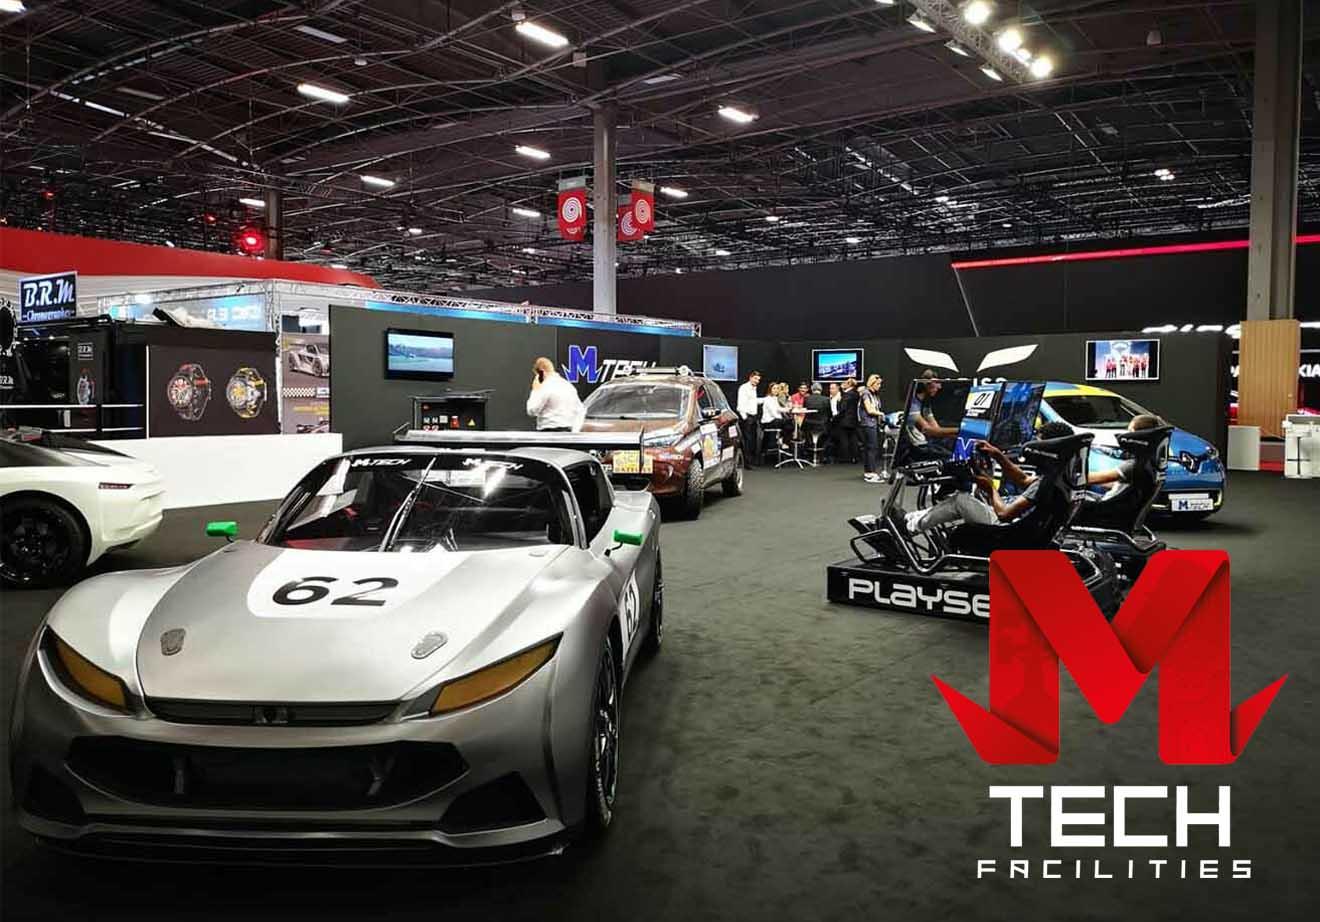 MTech Facilities Agence événementielle secteur automobile - MTech Facilities - Photo du stand avec des véhicules lors d'un salon automobile